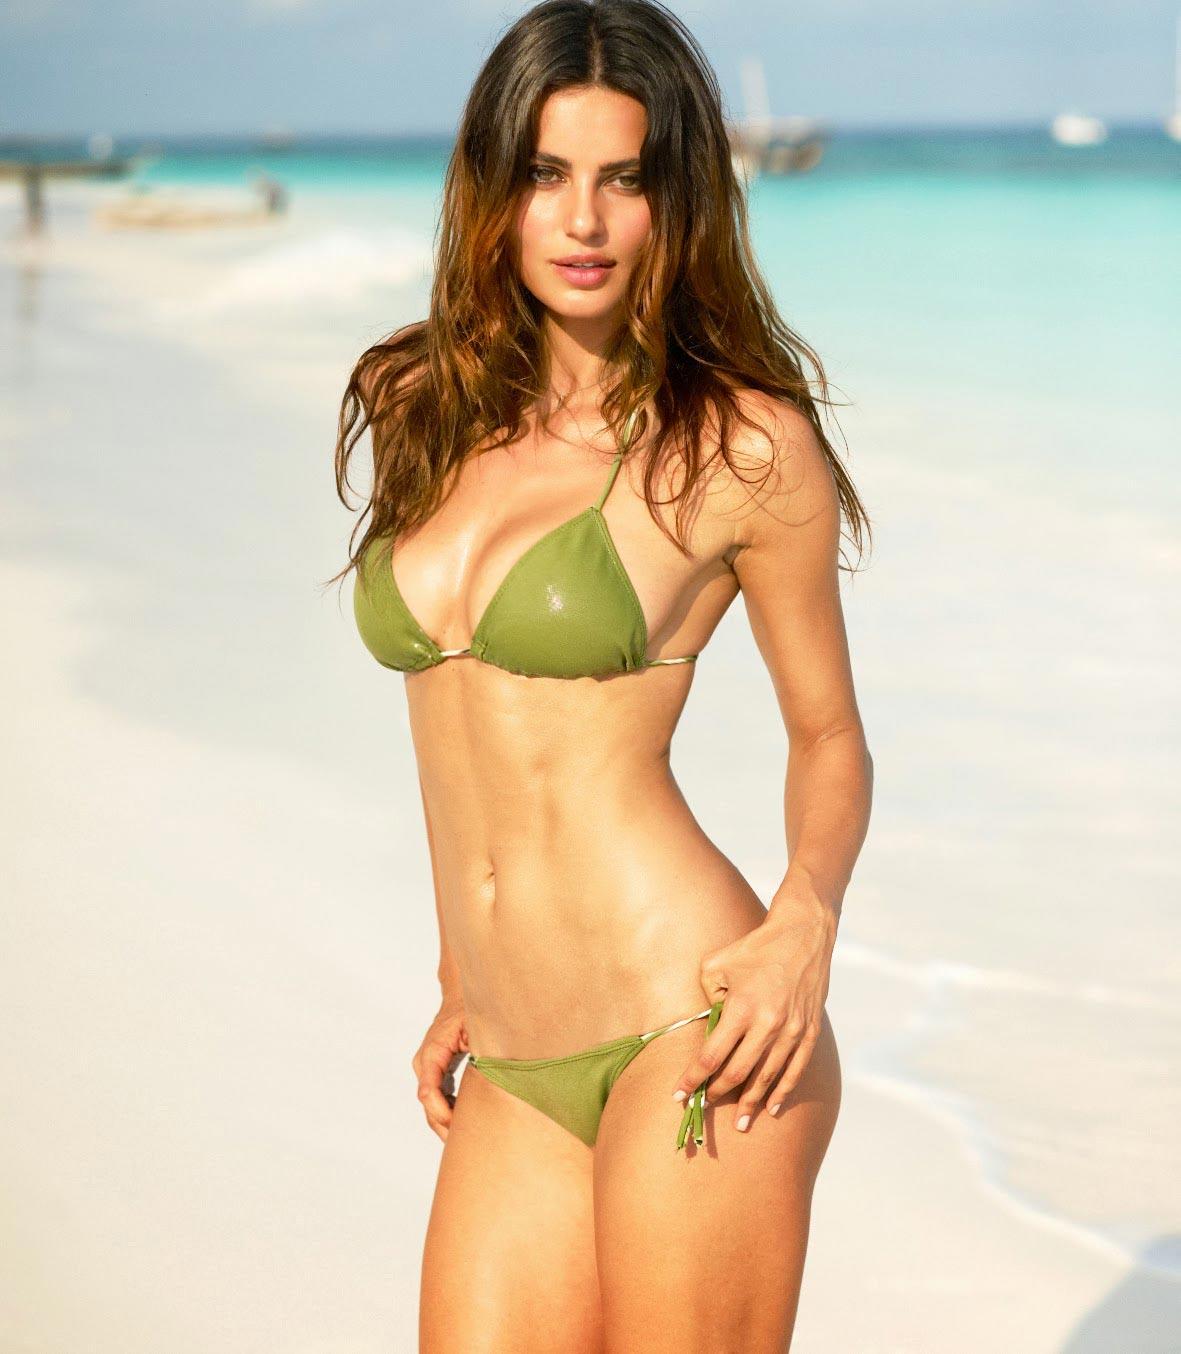 Nicole Meyer Bikini Photos 2014